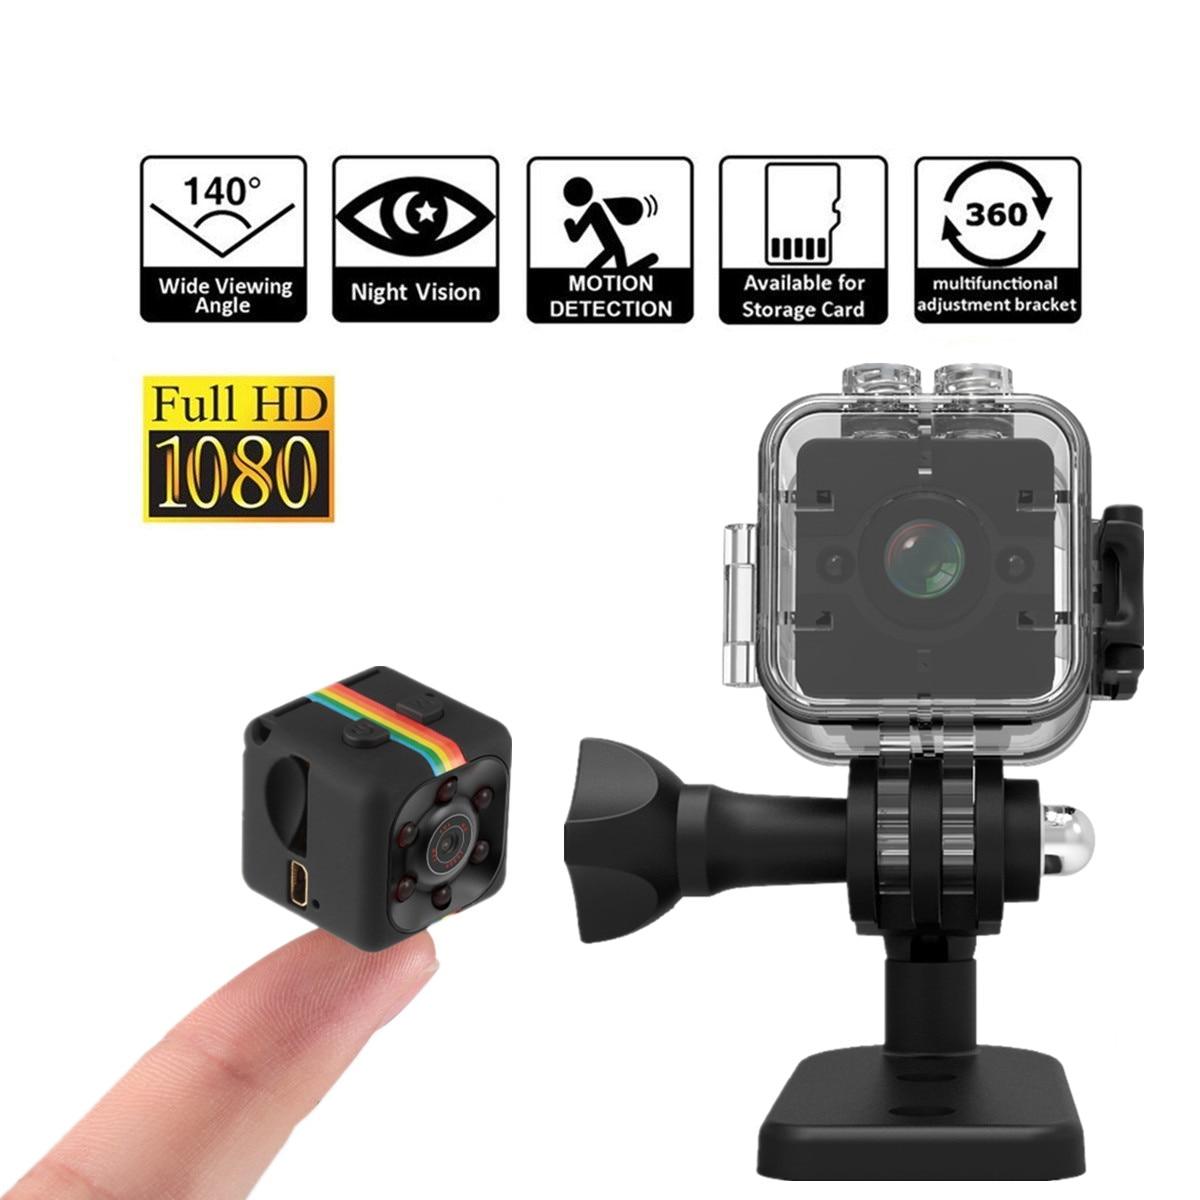 Mini Caméra SQ11 1080 P Full HD Micro Cam Détection de Mouvement caméscope Infrarouge de Vision Nocturne Vidéo Enregistreur Grand Angle sq12 SQ 11